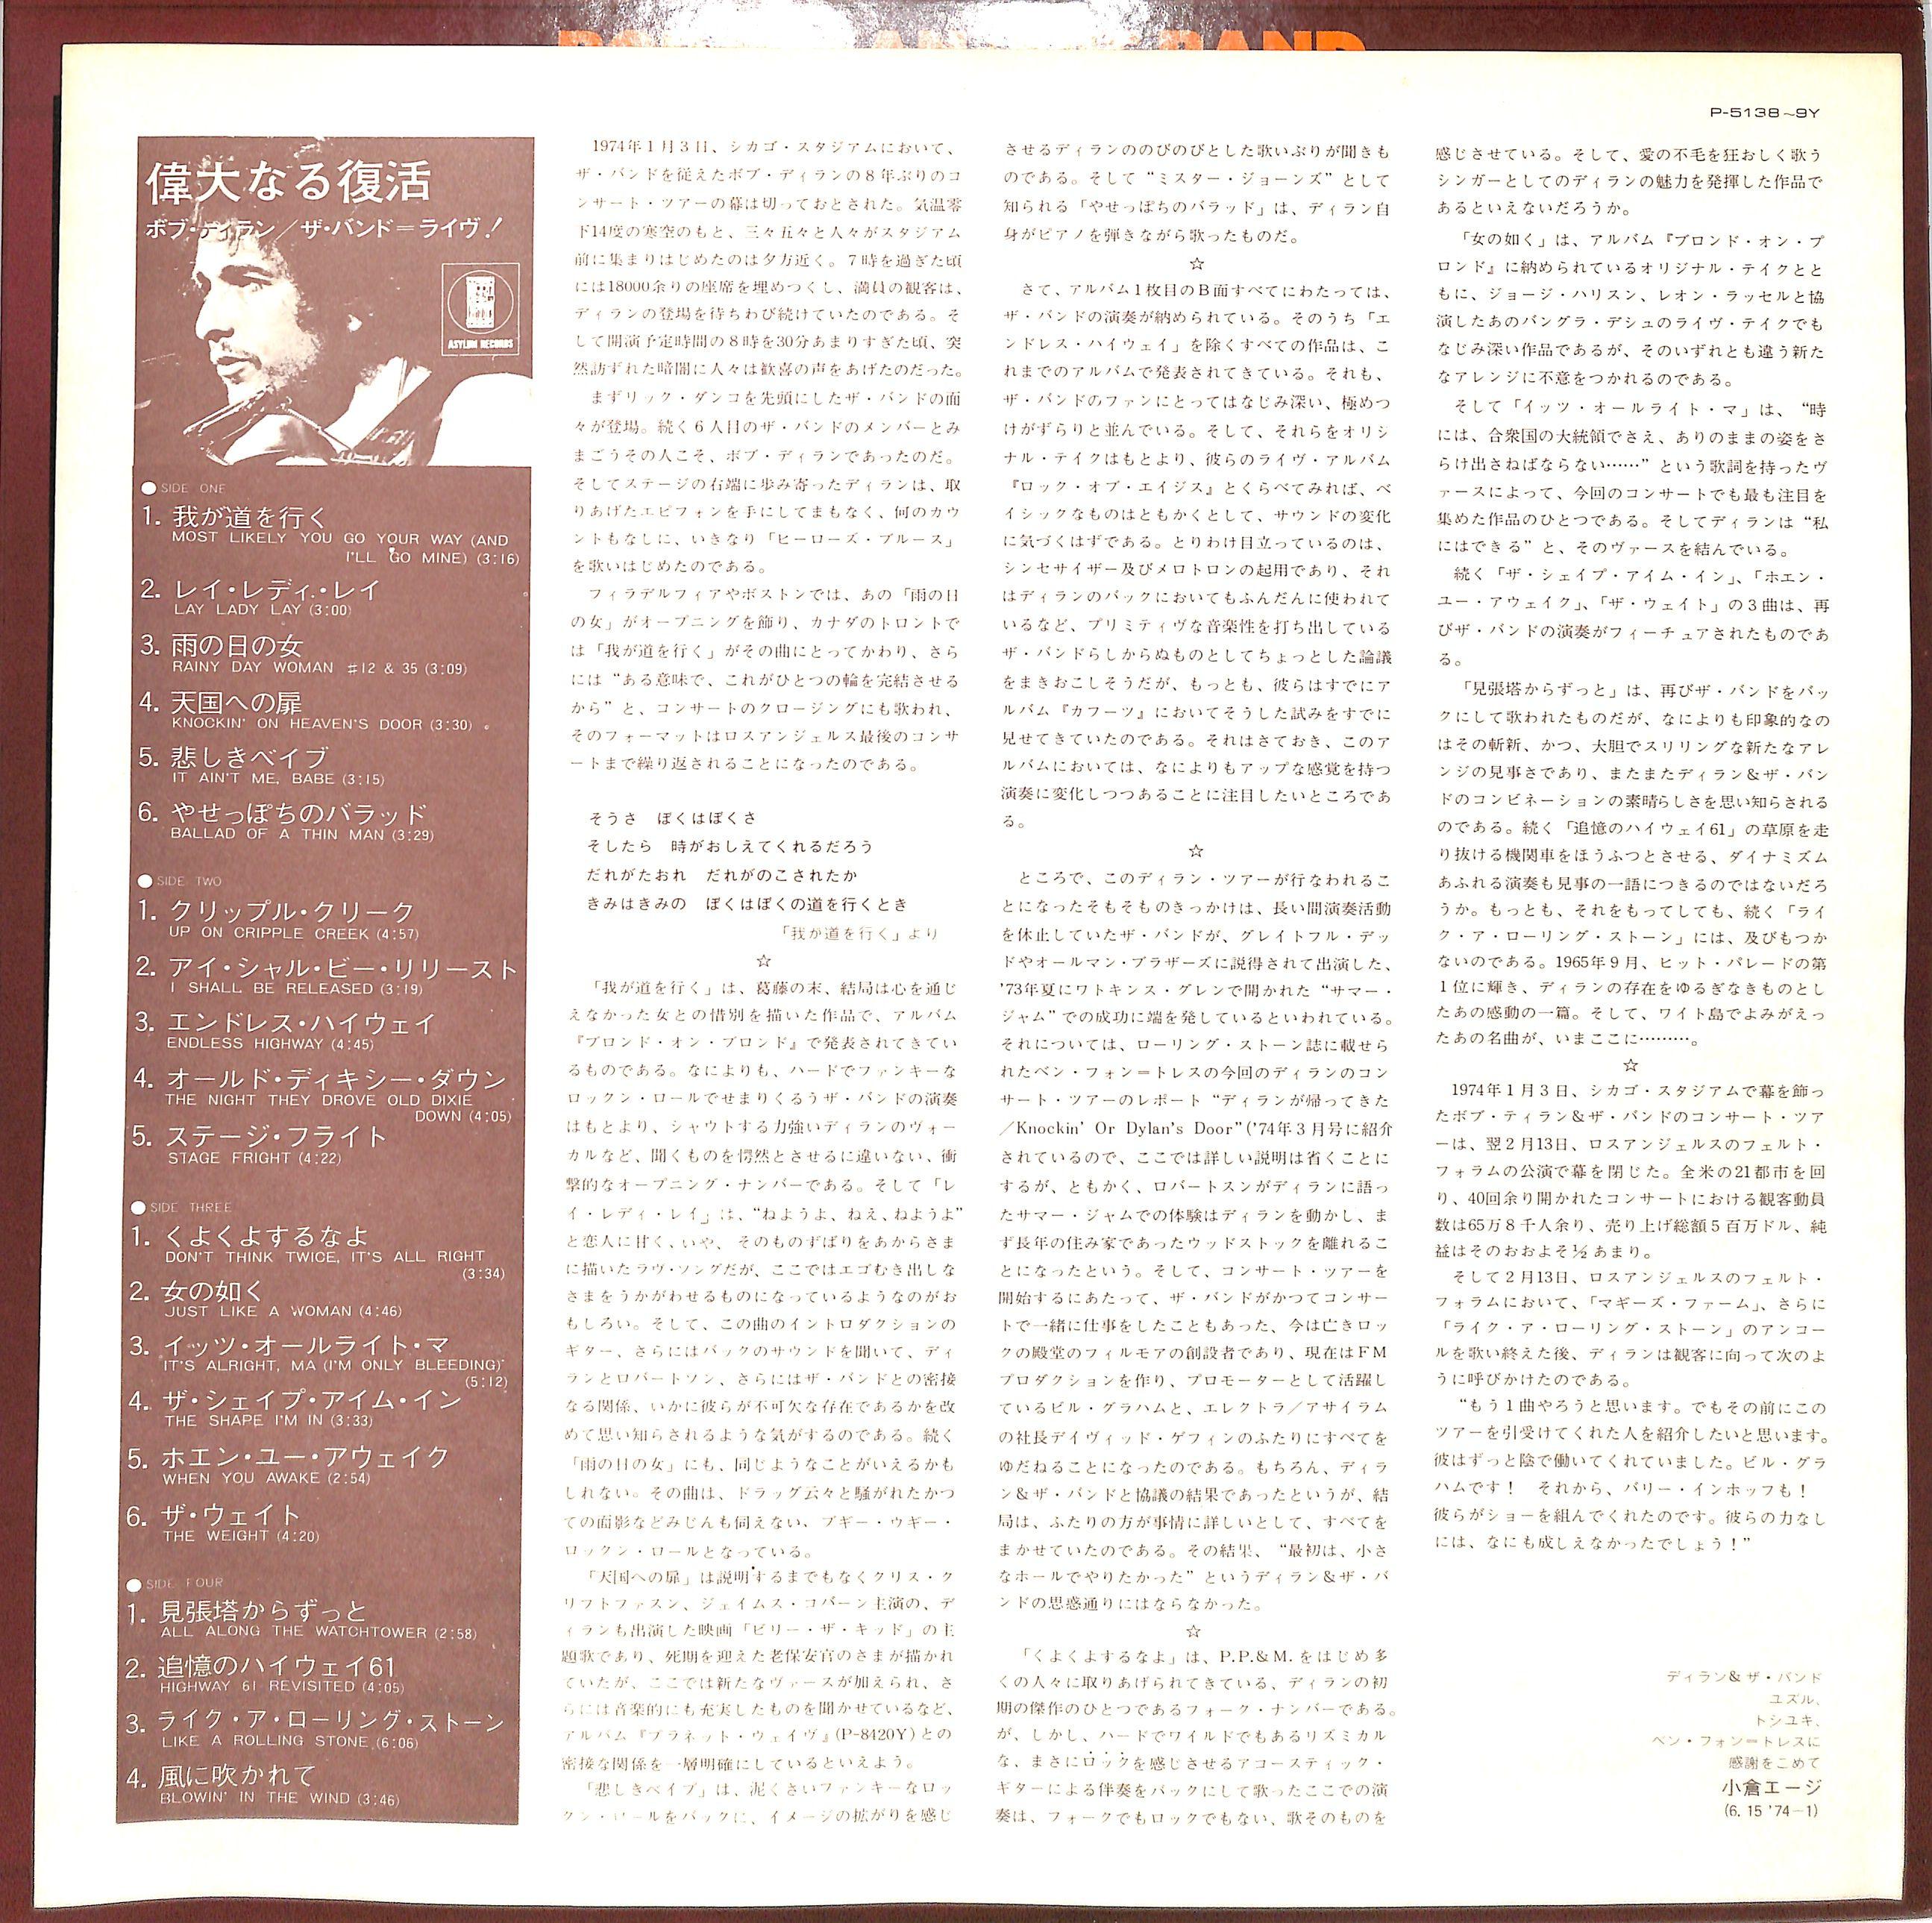 https://p1-e6eeae93.imageflux.jp/booksch/daed530caaf535a87397.jpg